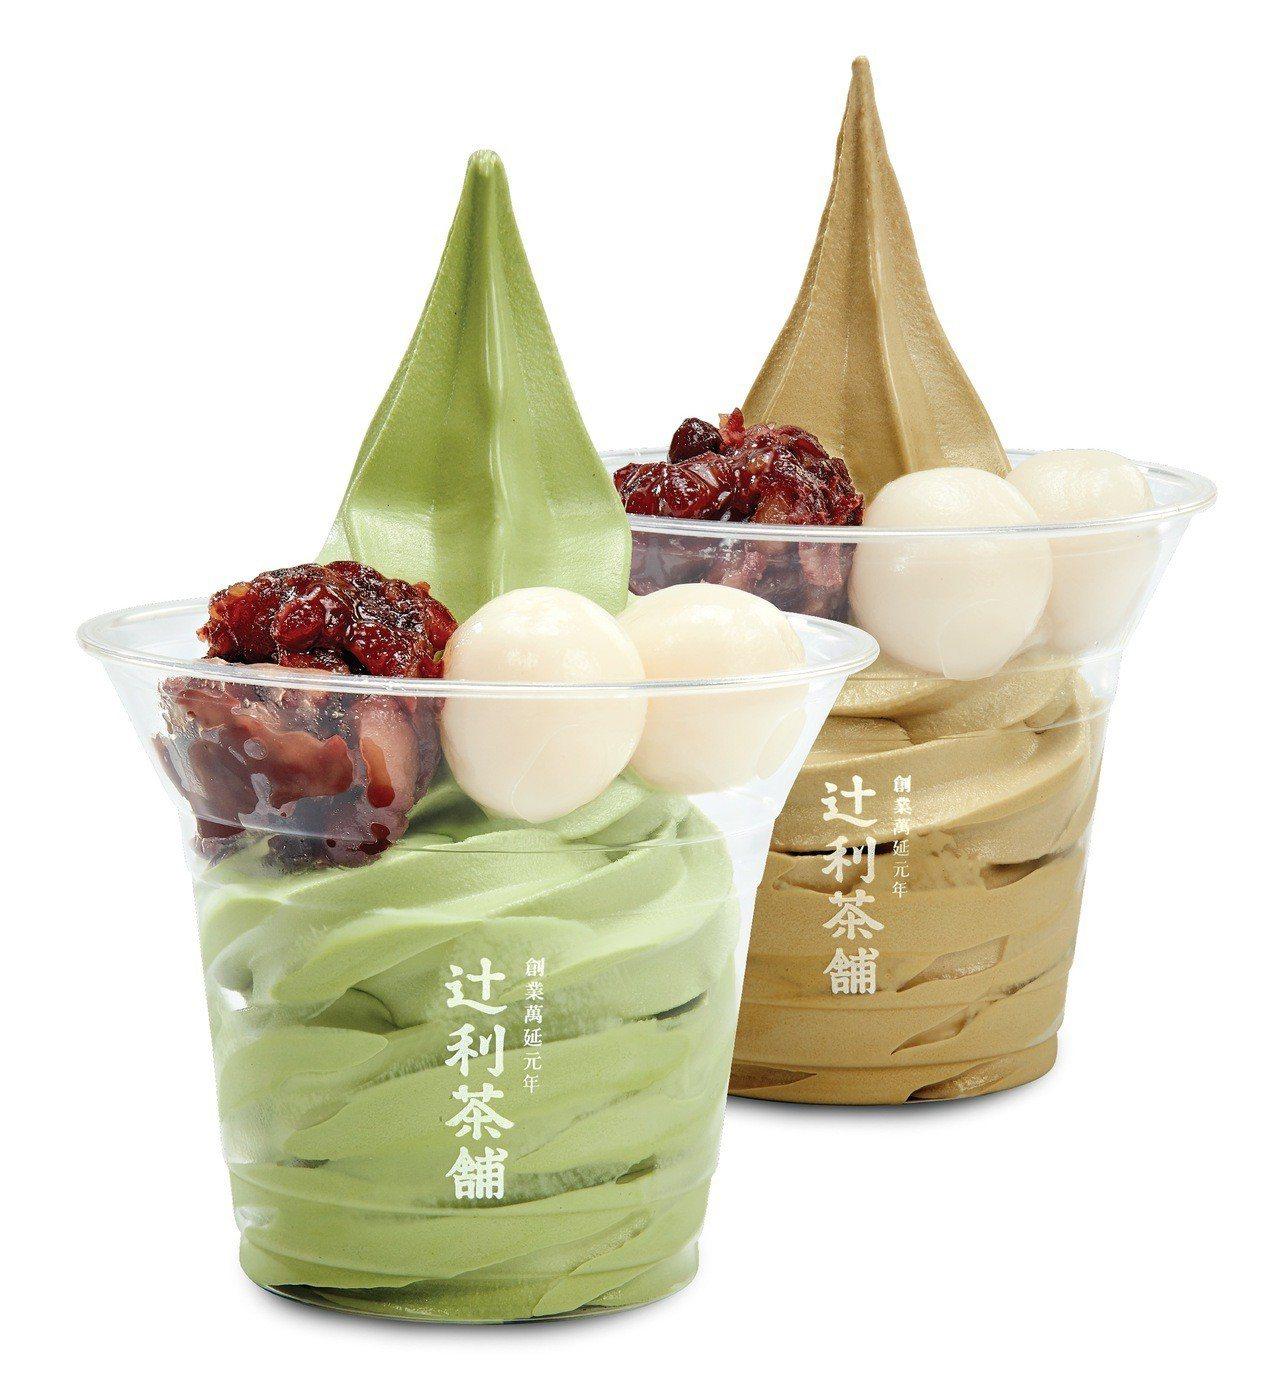 3月24日買辻利霜淇淋(抹茶)紅豆白玉,就送辻利霜淇淋(焙茶)紅豆白玉,原價27...